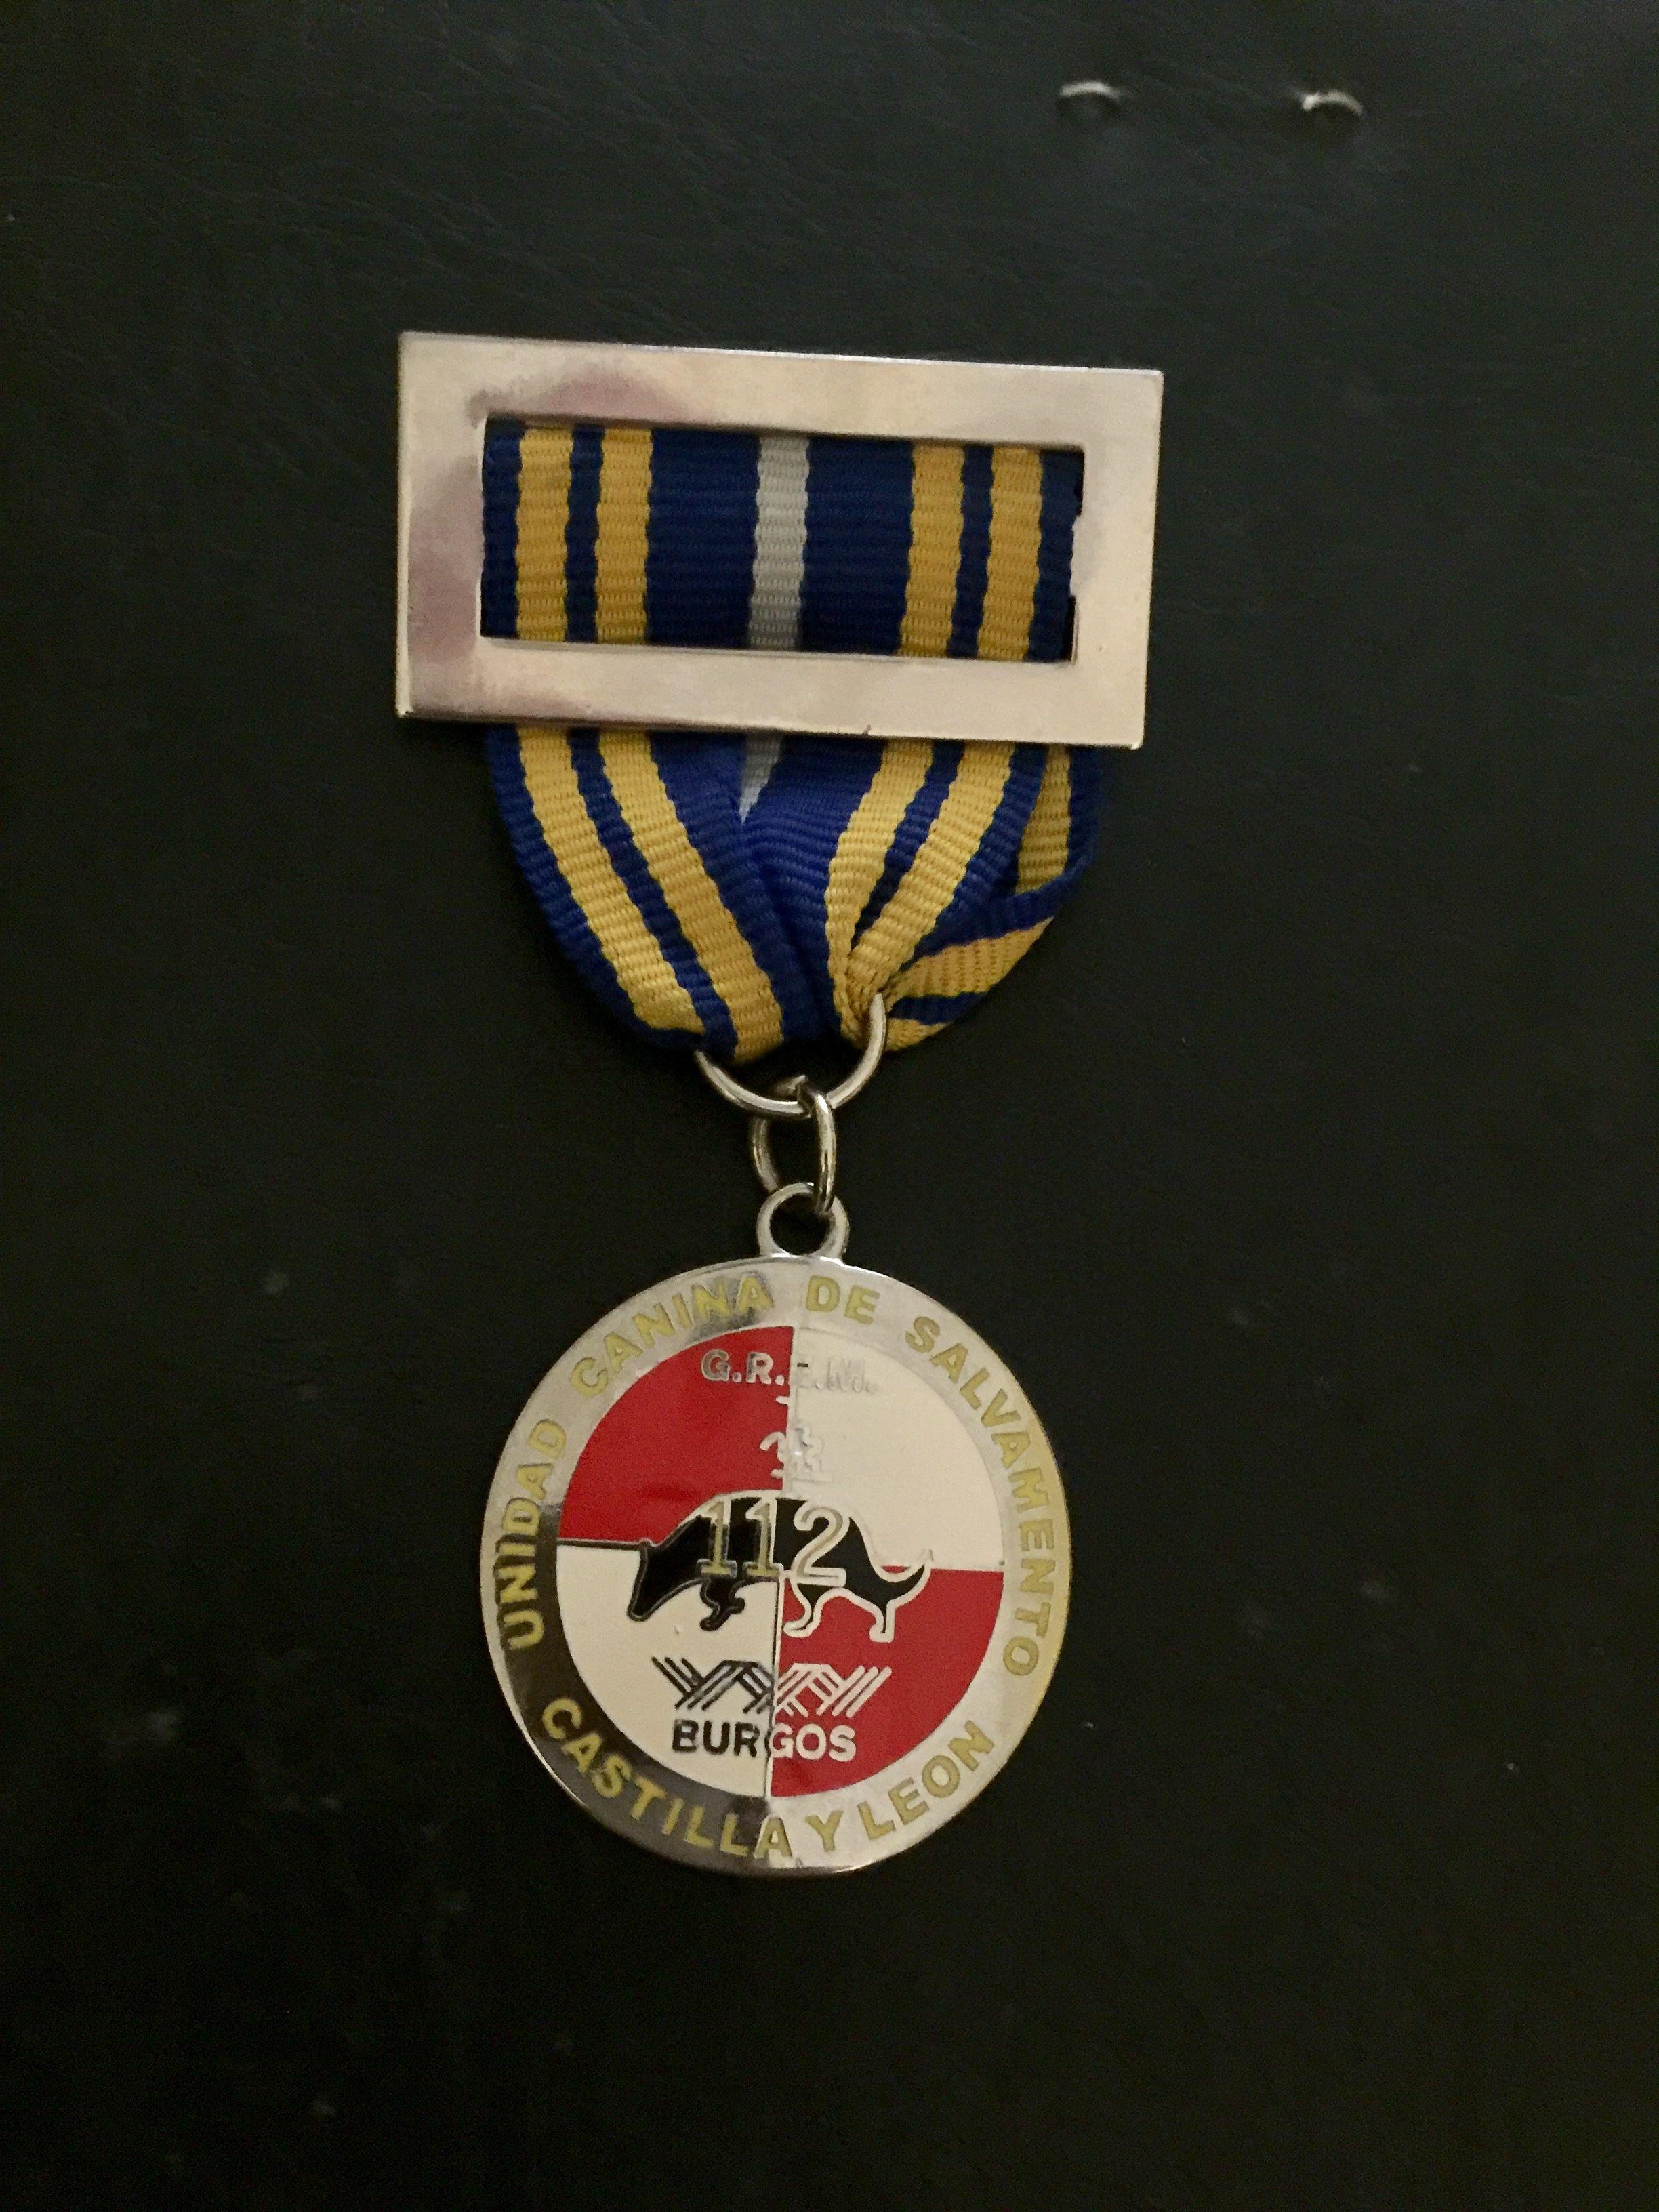 Fabricante De Insignias Personalizadas Insignia Online Insignias Personalizar Medallas